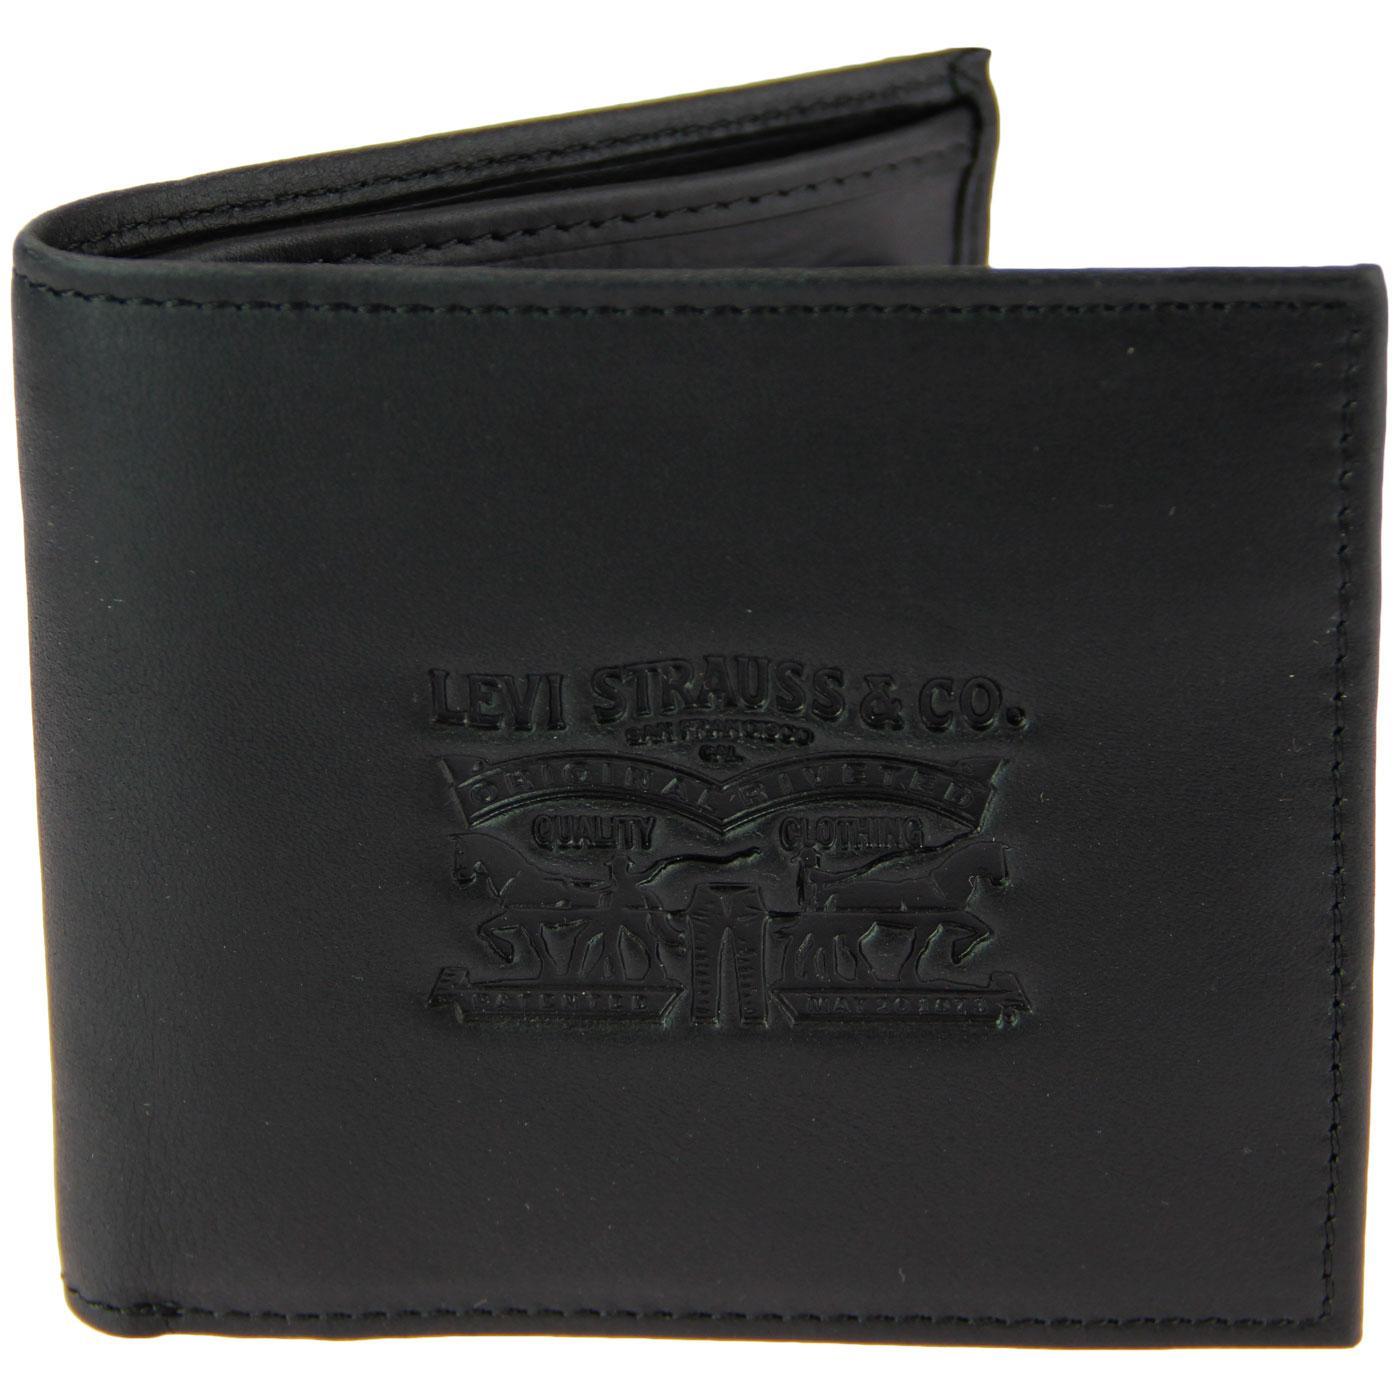 LEVI'S Vintage Two Horse Men's Retro Wallet BLACK